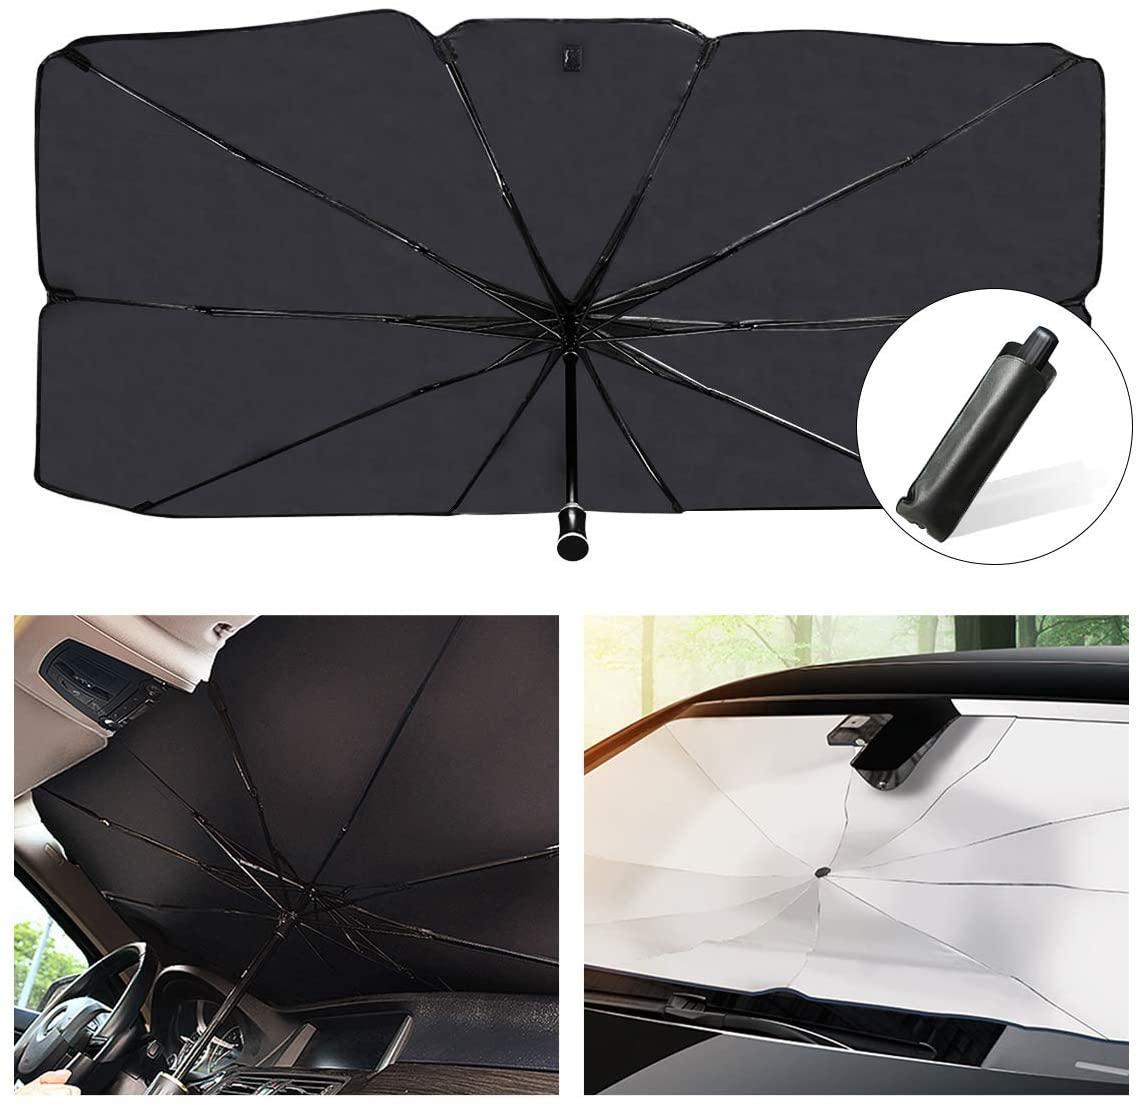 Автомобильный солнцезащитный зонтик, автомобильный солнцезащитный козырек, серебряный солнцезащитный козырек на лобовое стекло, искусств...